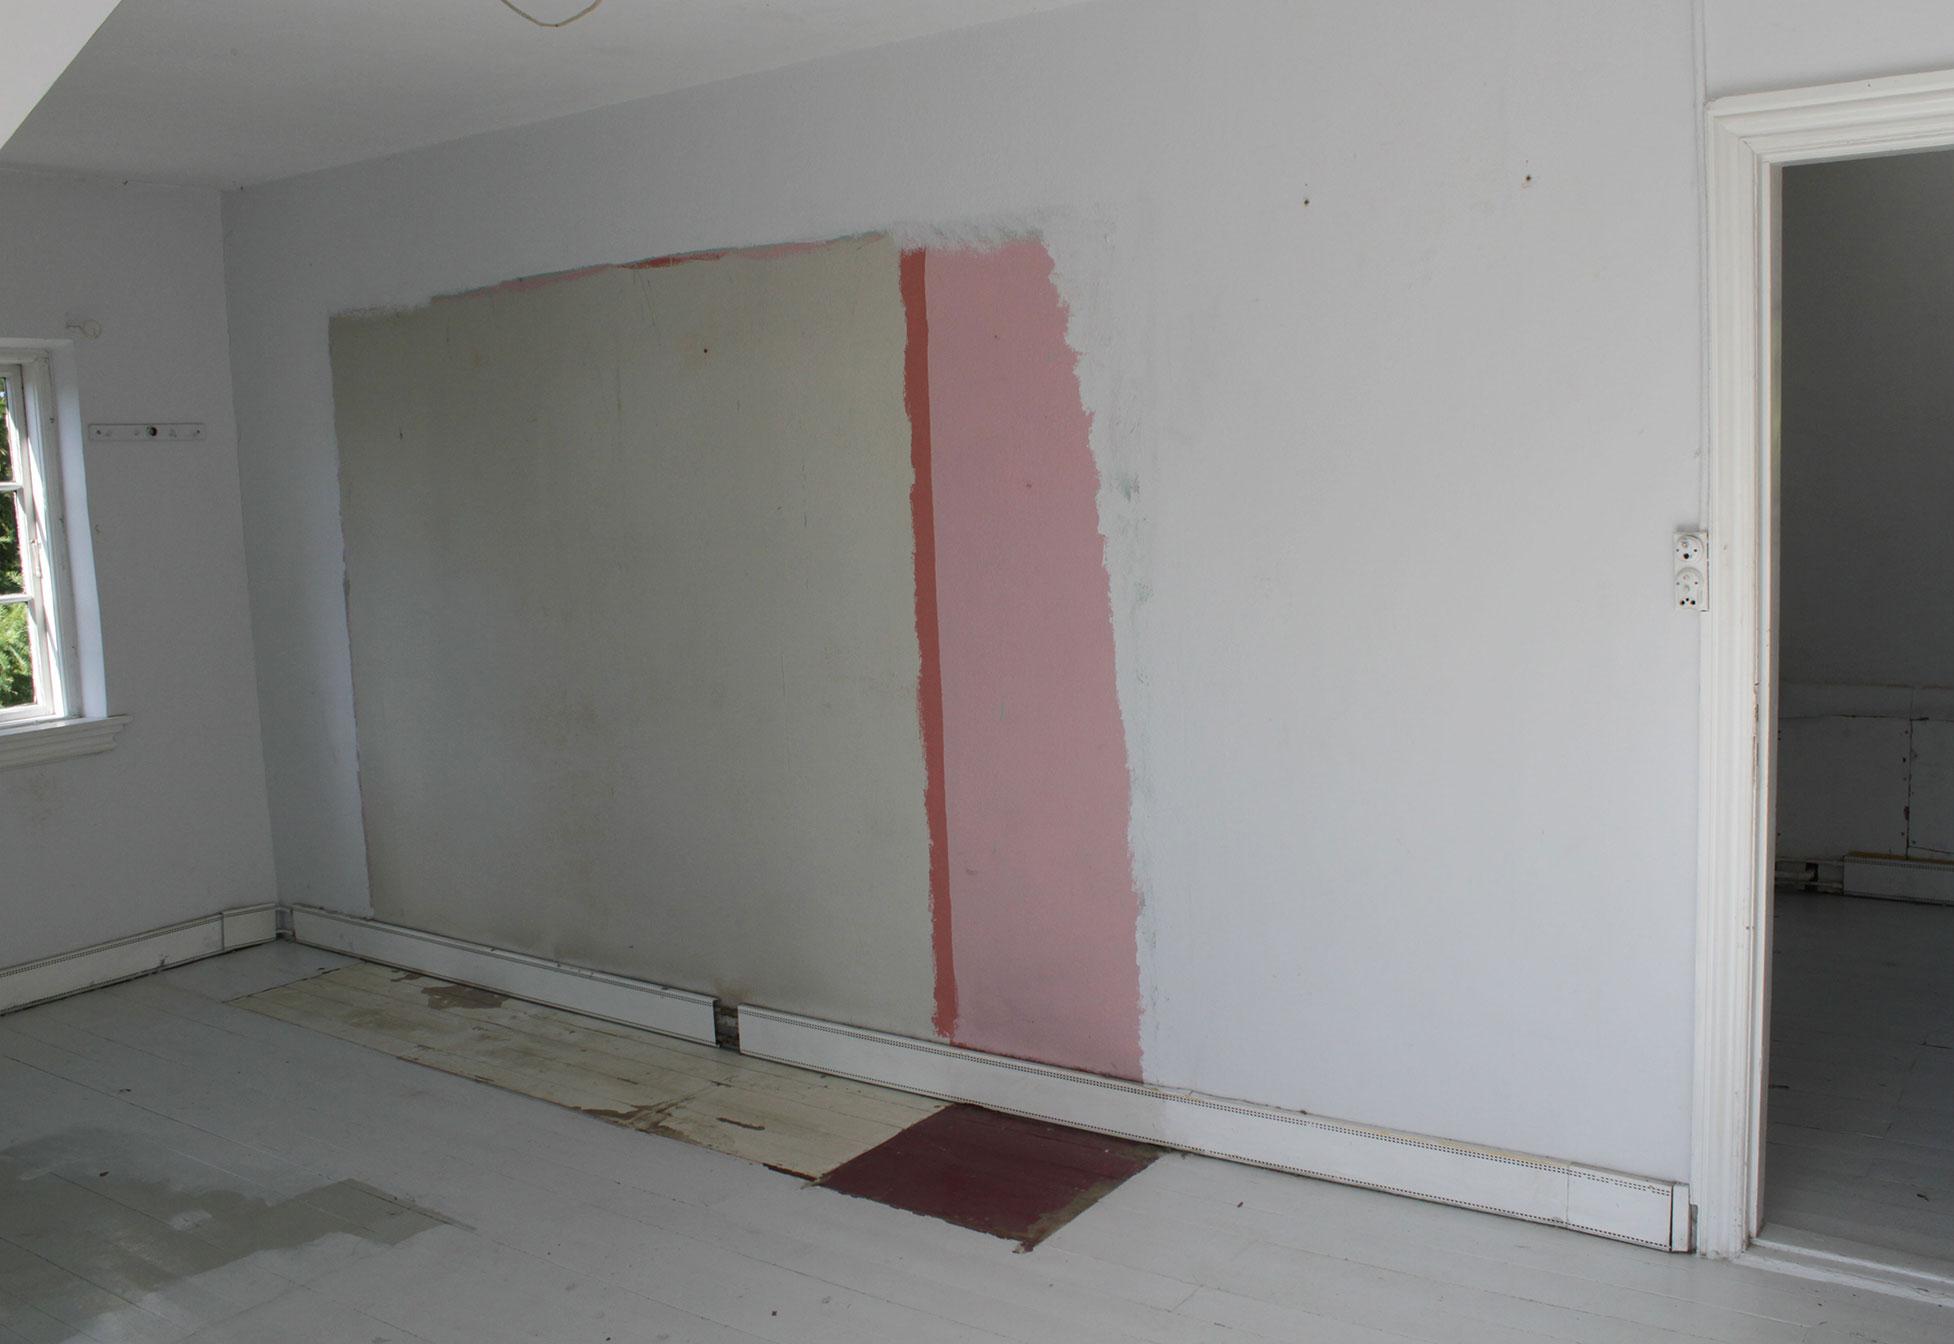 førbillede af soveværelse